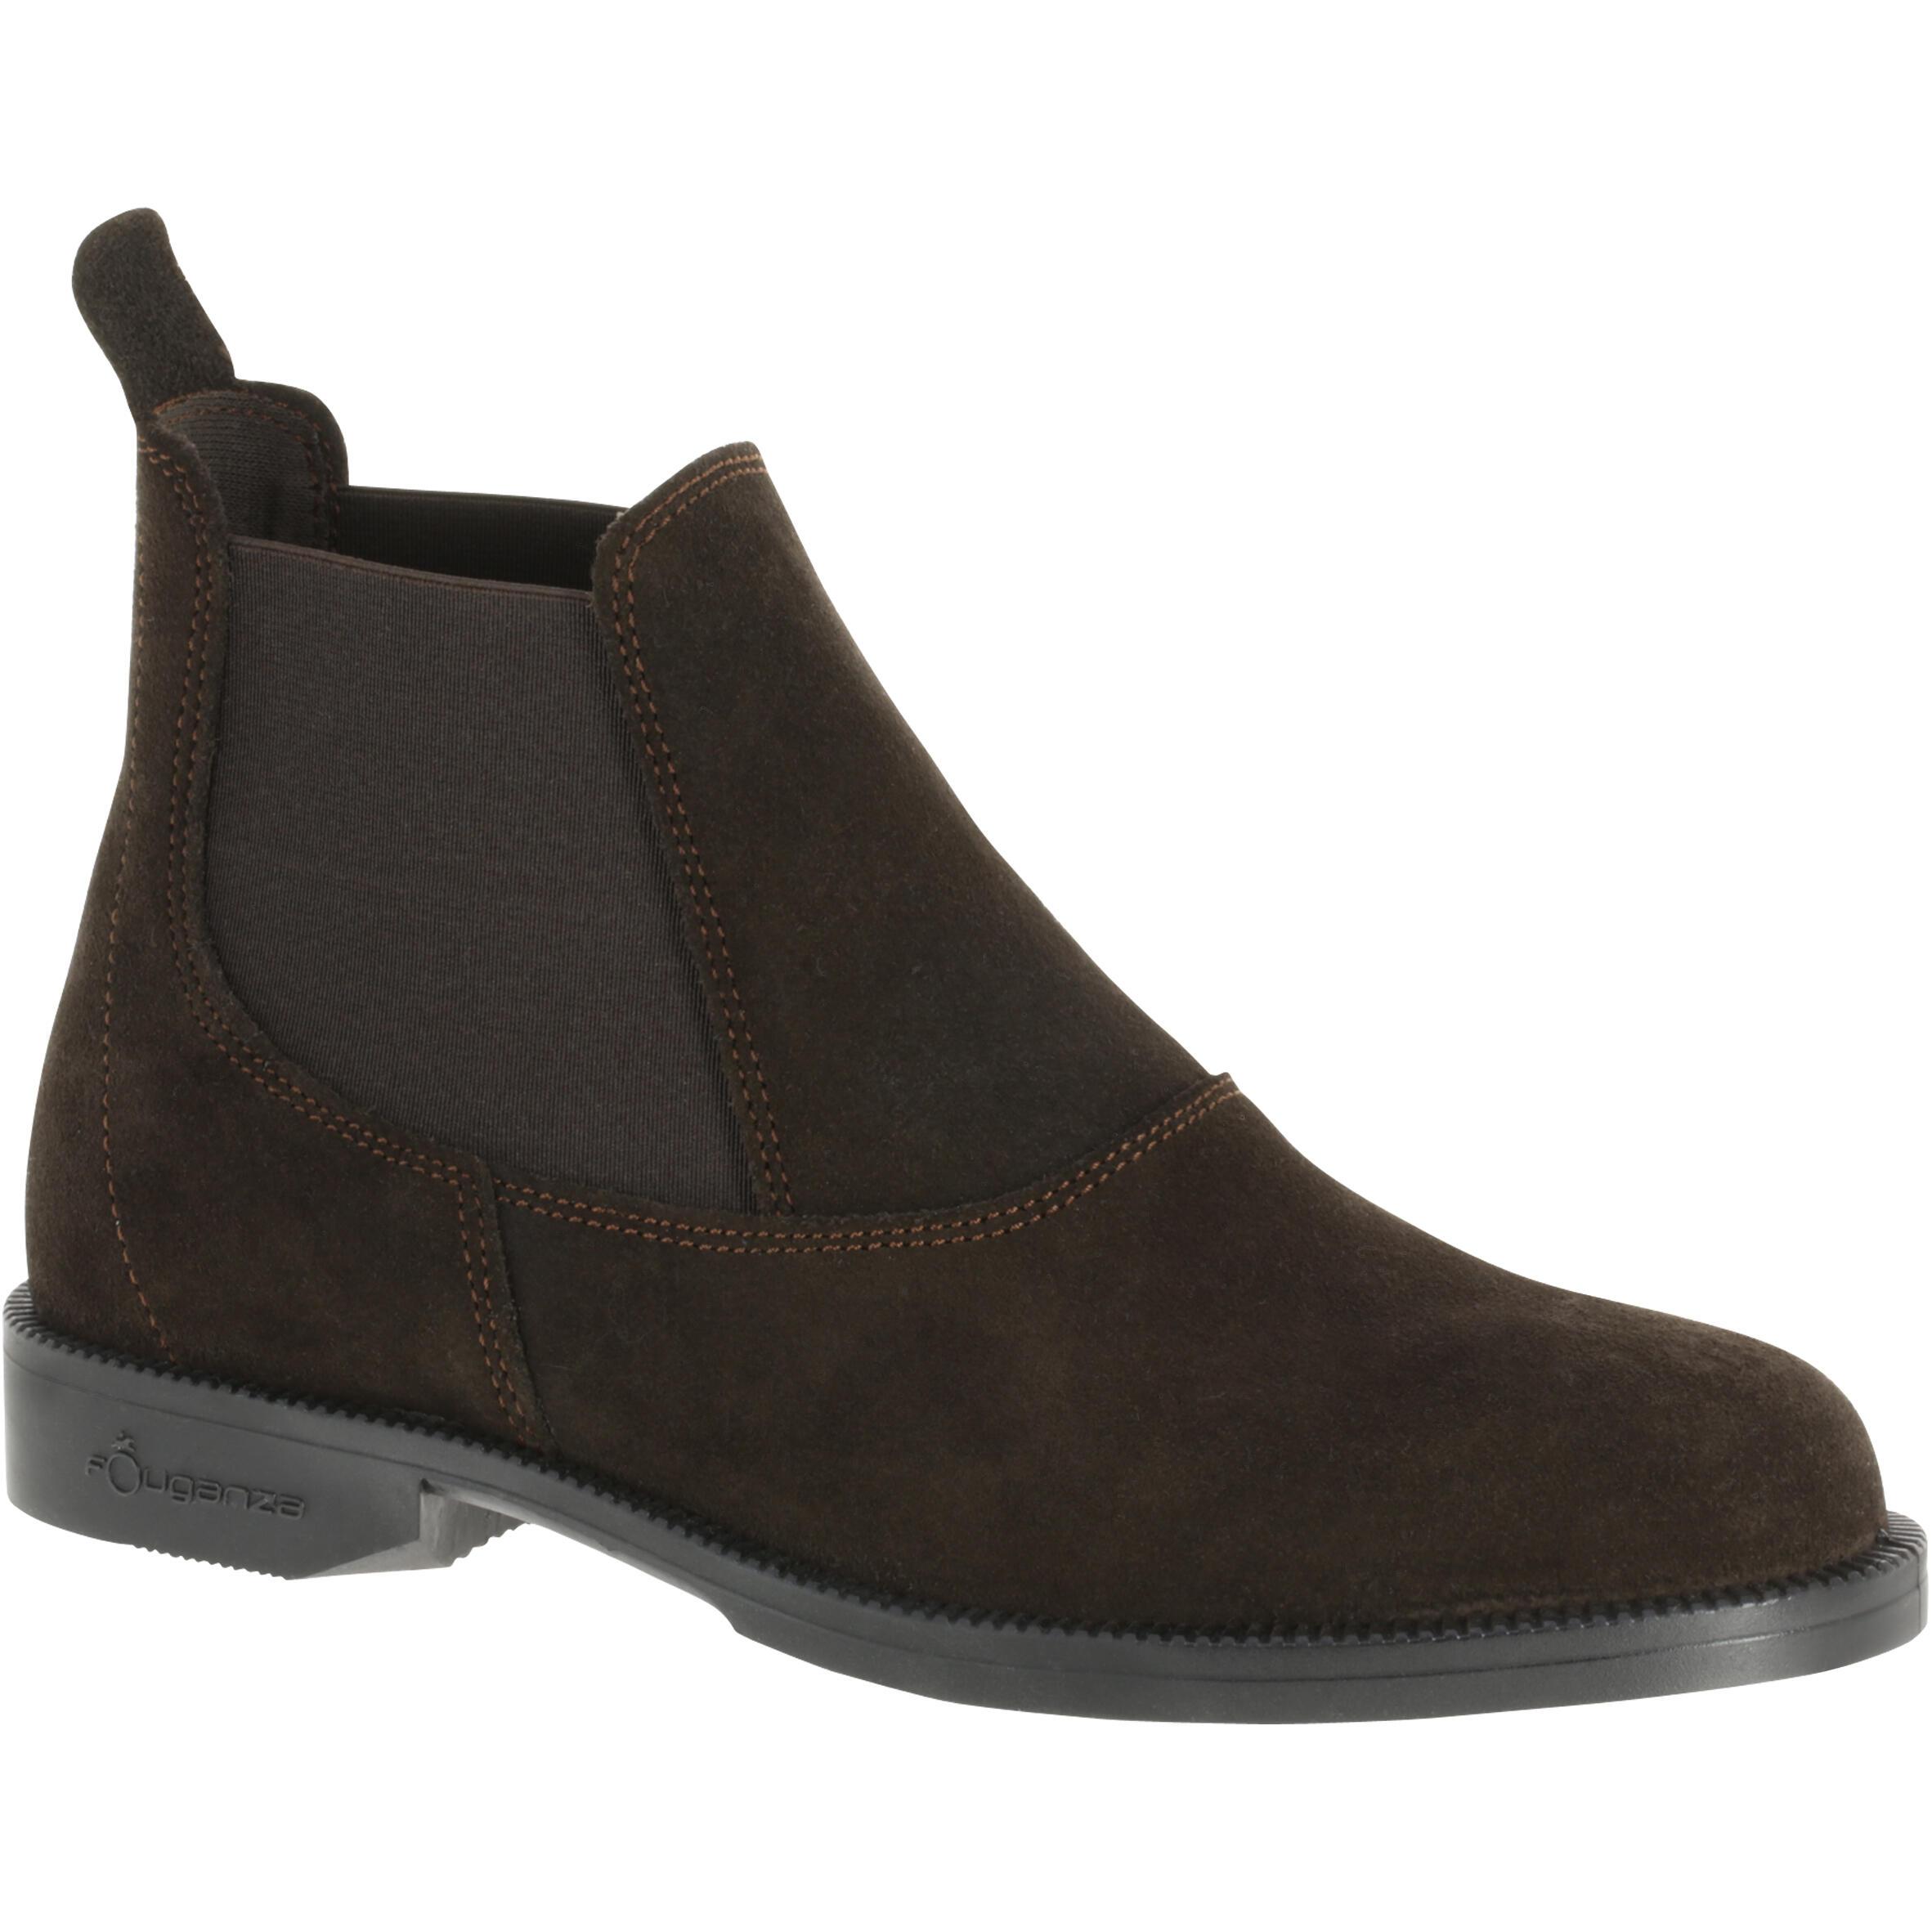 Reitstiefeletten Classic Leder Erwachsene braun | Schuhe > Sportschuhe > Reitstiefel | Braun | Leder | Fouganza